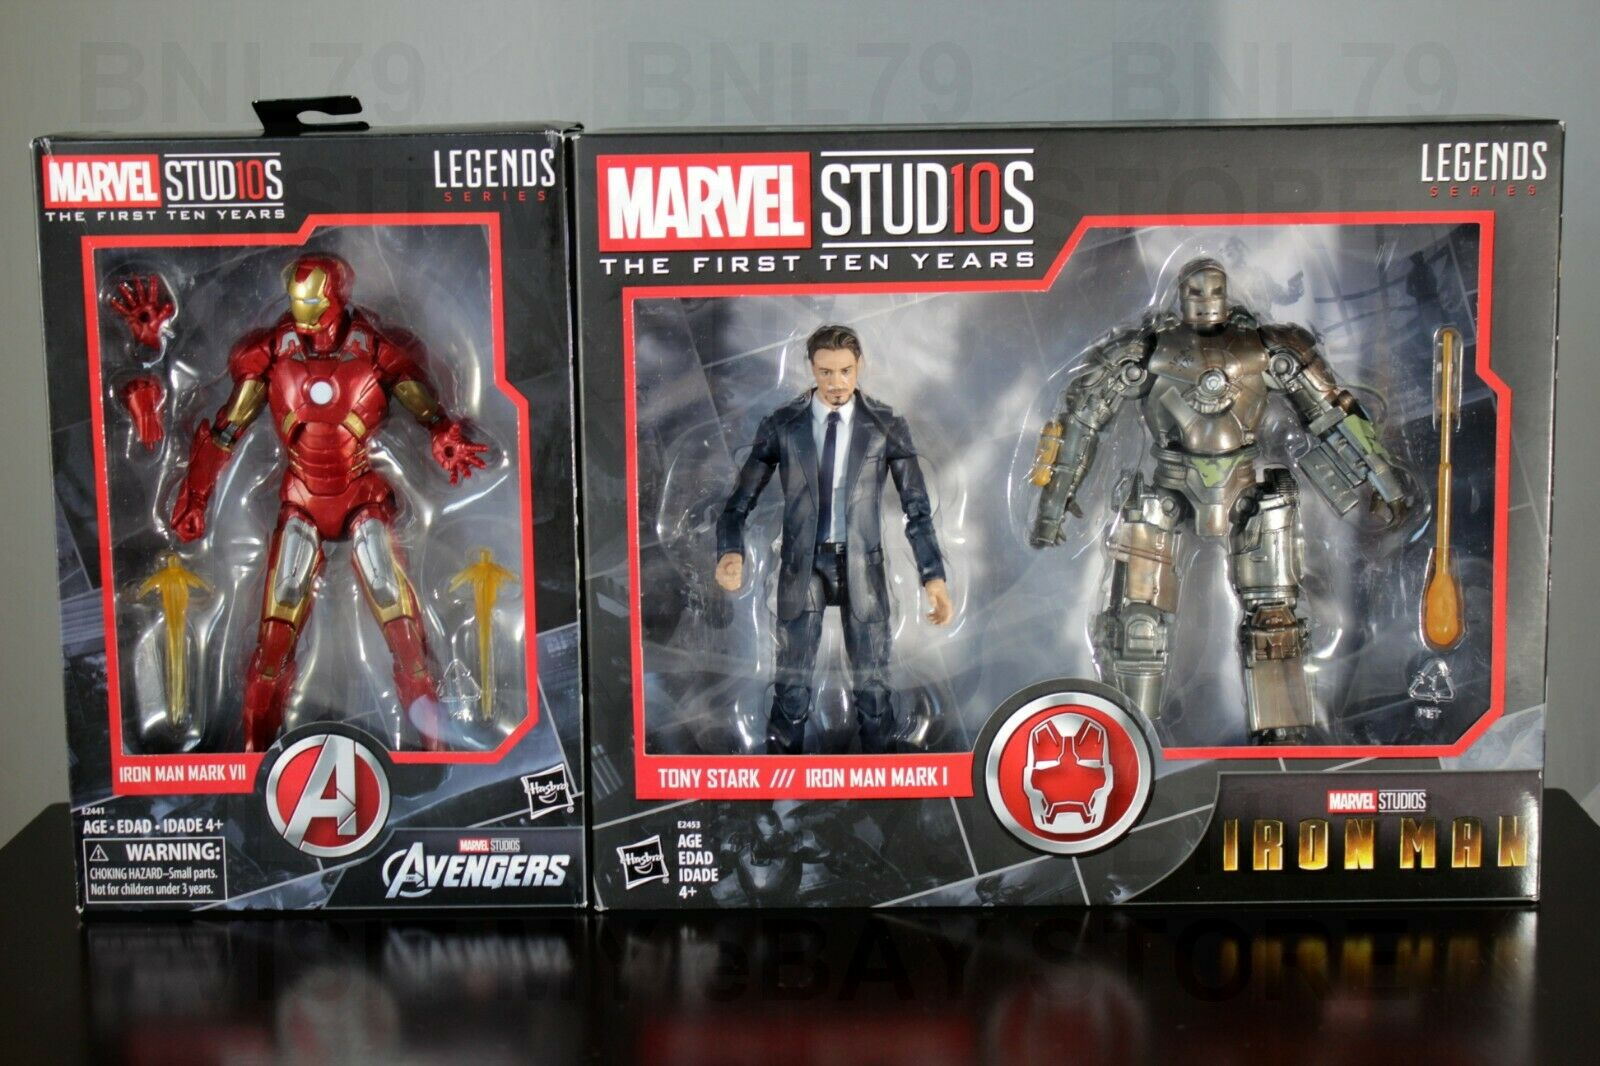 Tony Estrellak & Iron Man Mark I y Mark VII leyendas de Marvel Studios 10 primeros años